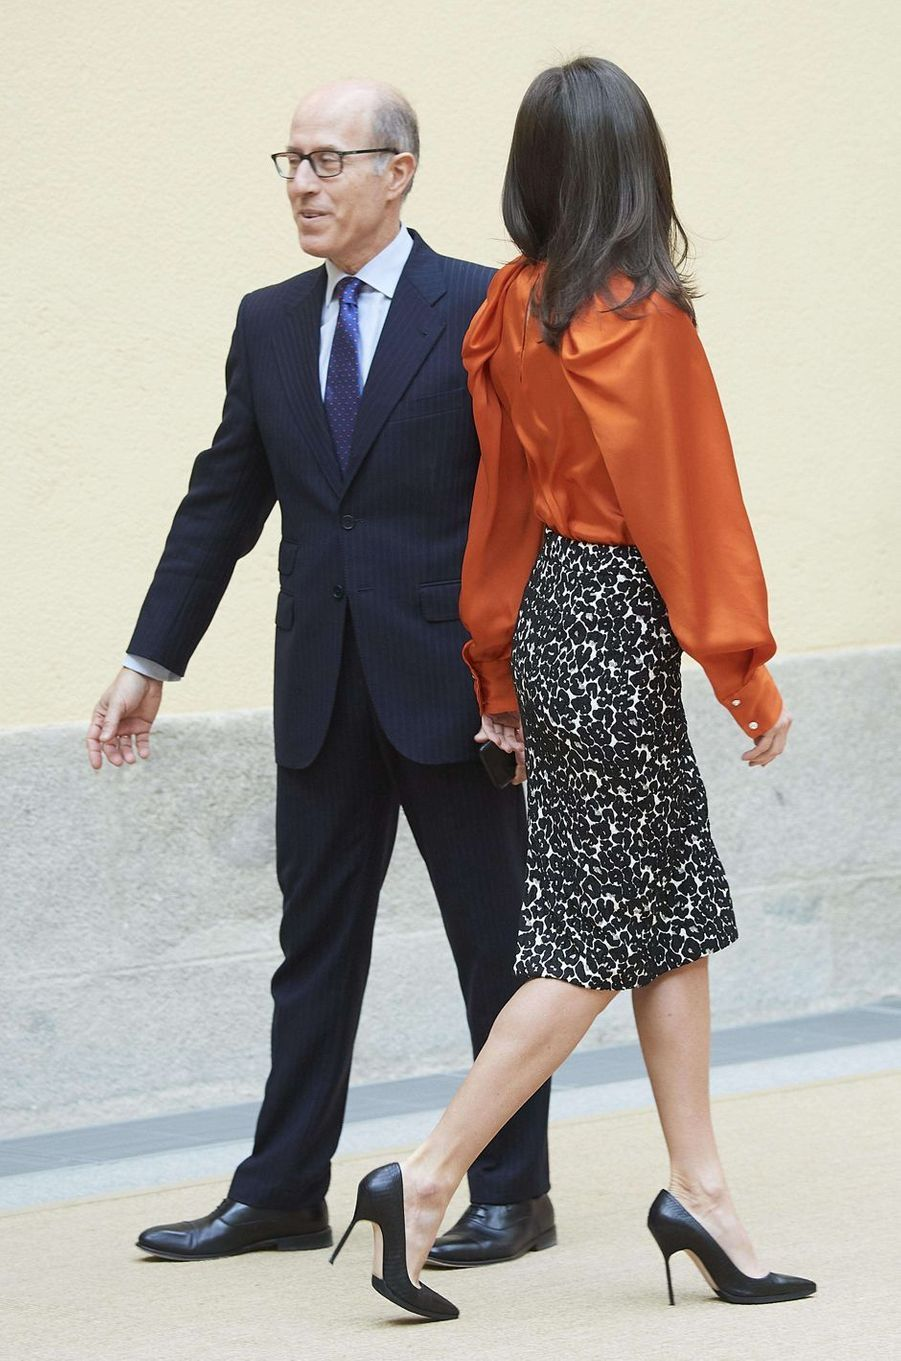 La reine Letizia d'Espagne, de trois-quarts, à Madrid le 3 mars 2020